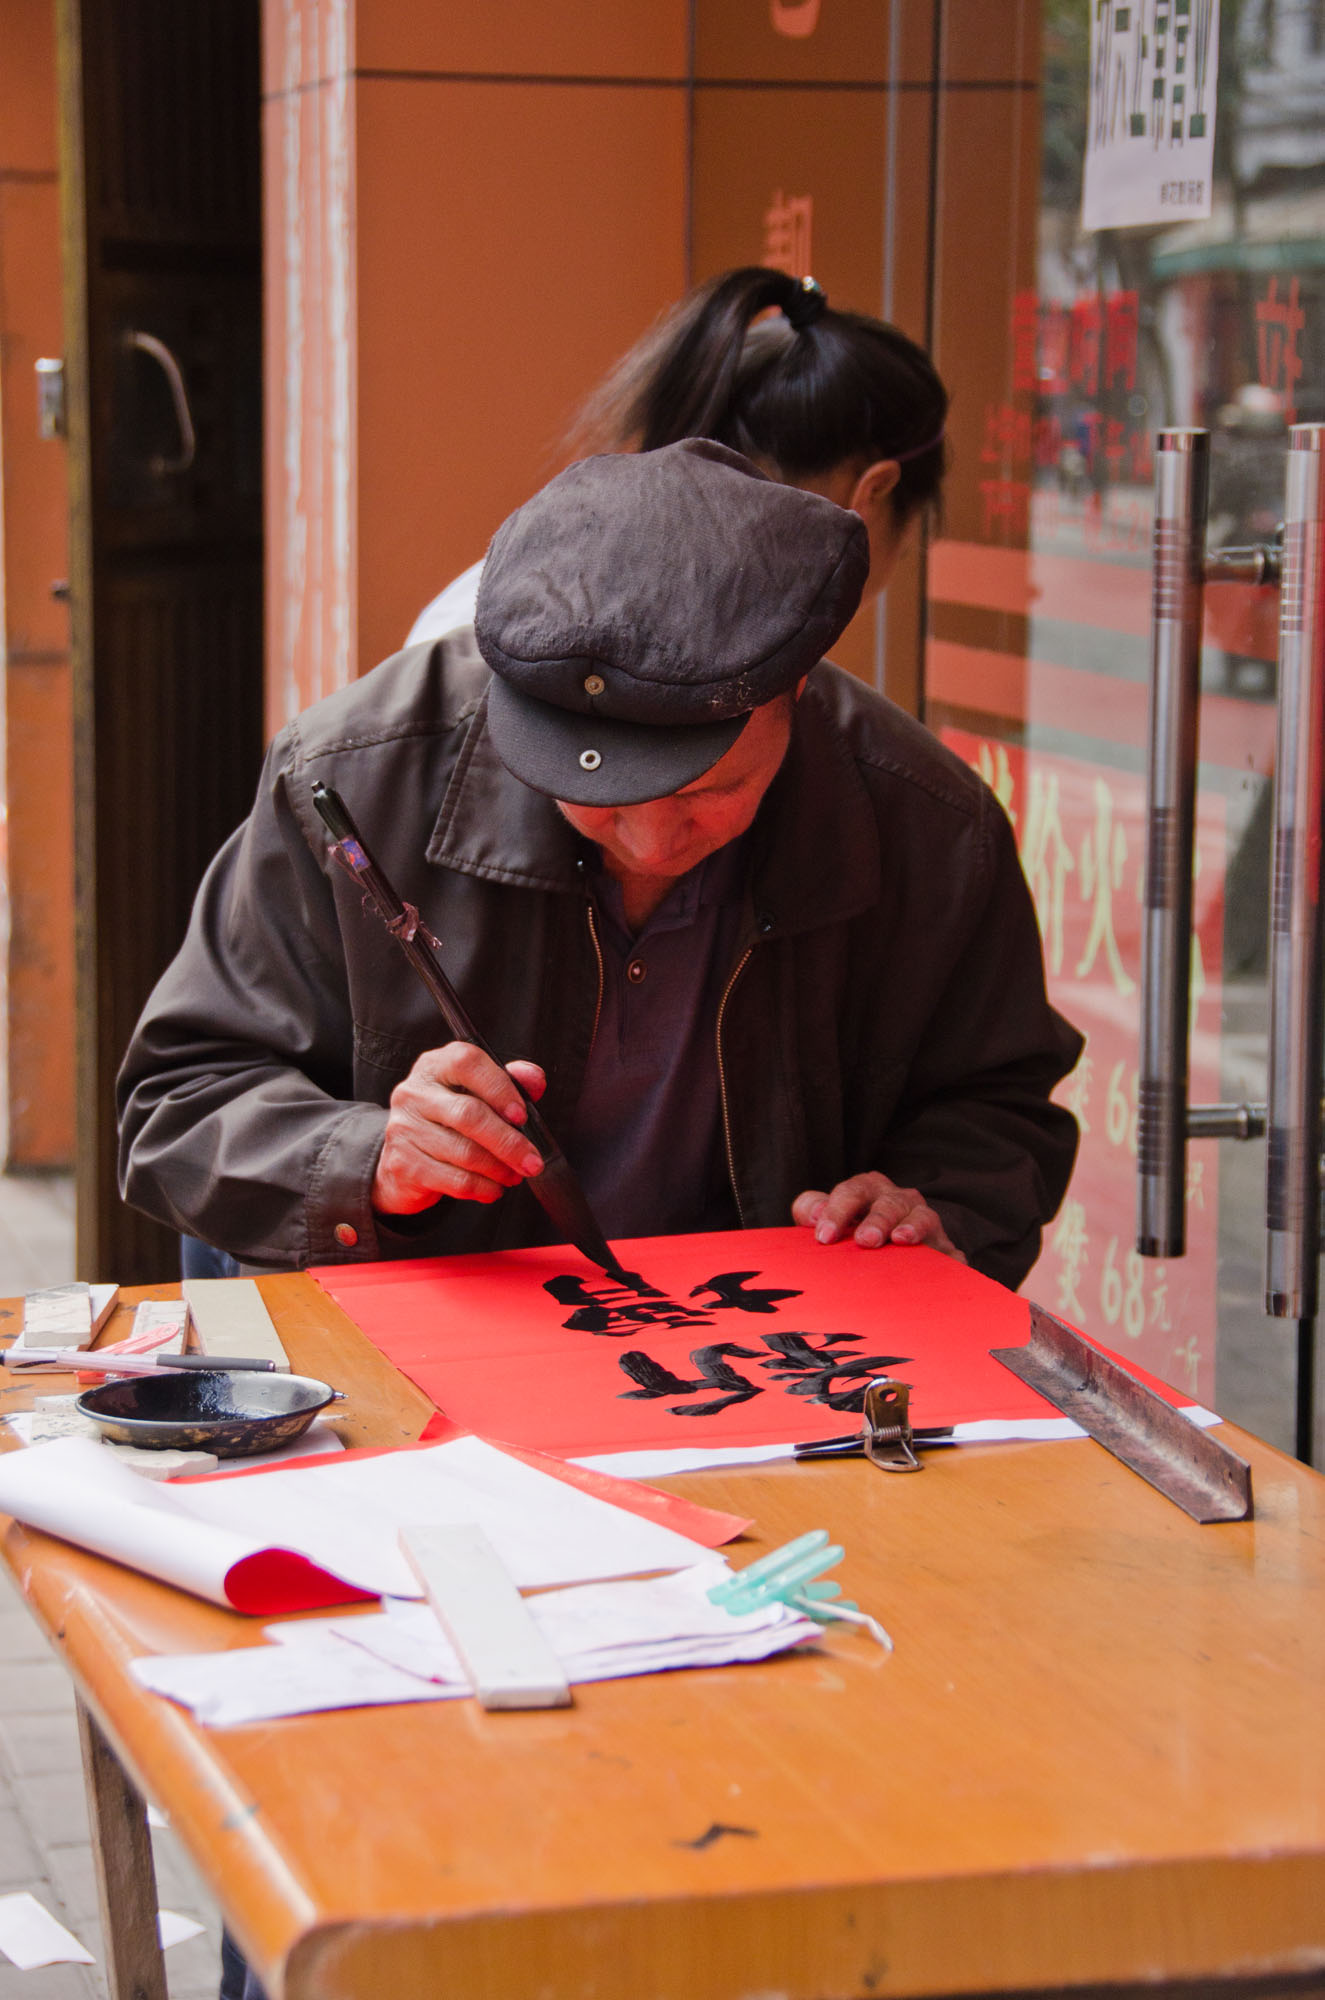 Un peintre de Tue Lien dans un vieux quartier de Zhanjiang, avant le Nouvel An Chinois